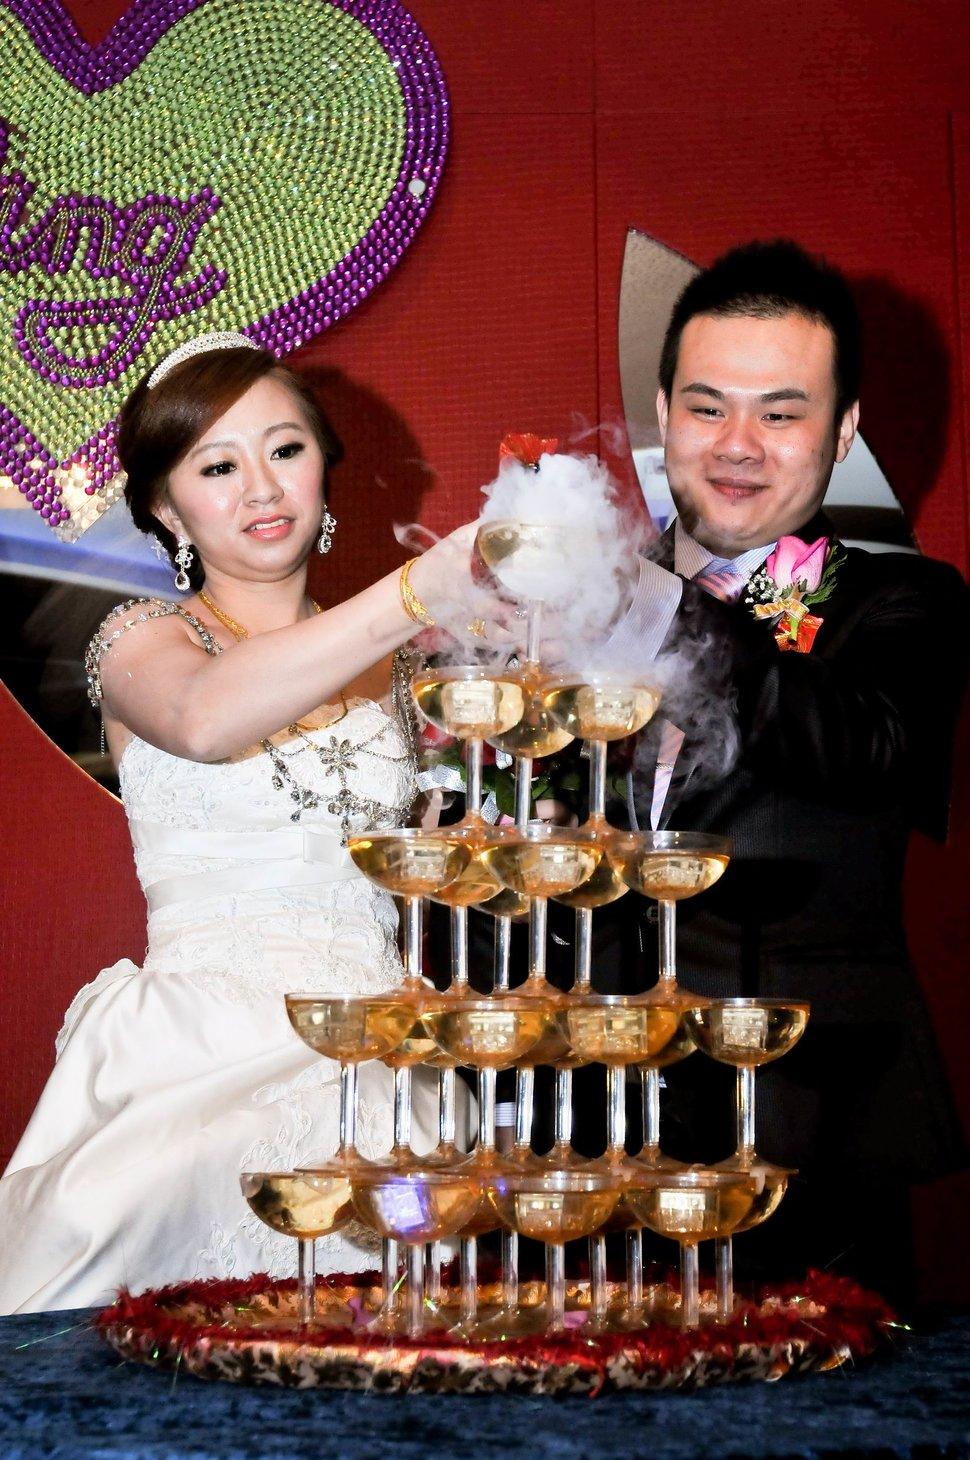 海產大王文定結婚儀式迎娶晚宴婚禮結婚儀式午宴婚禮記錄動態微電影錄影專業錄影平面攝影婚攝婚禮主持人(編號:303422) - 蜜月拍照10800錄影12800攝影團隊 - 結婚吧